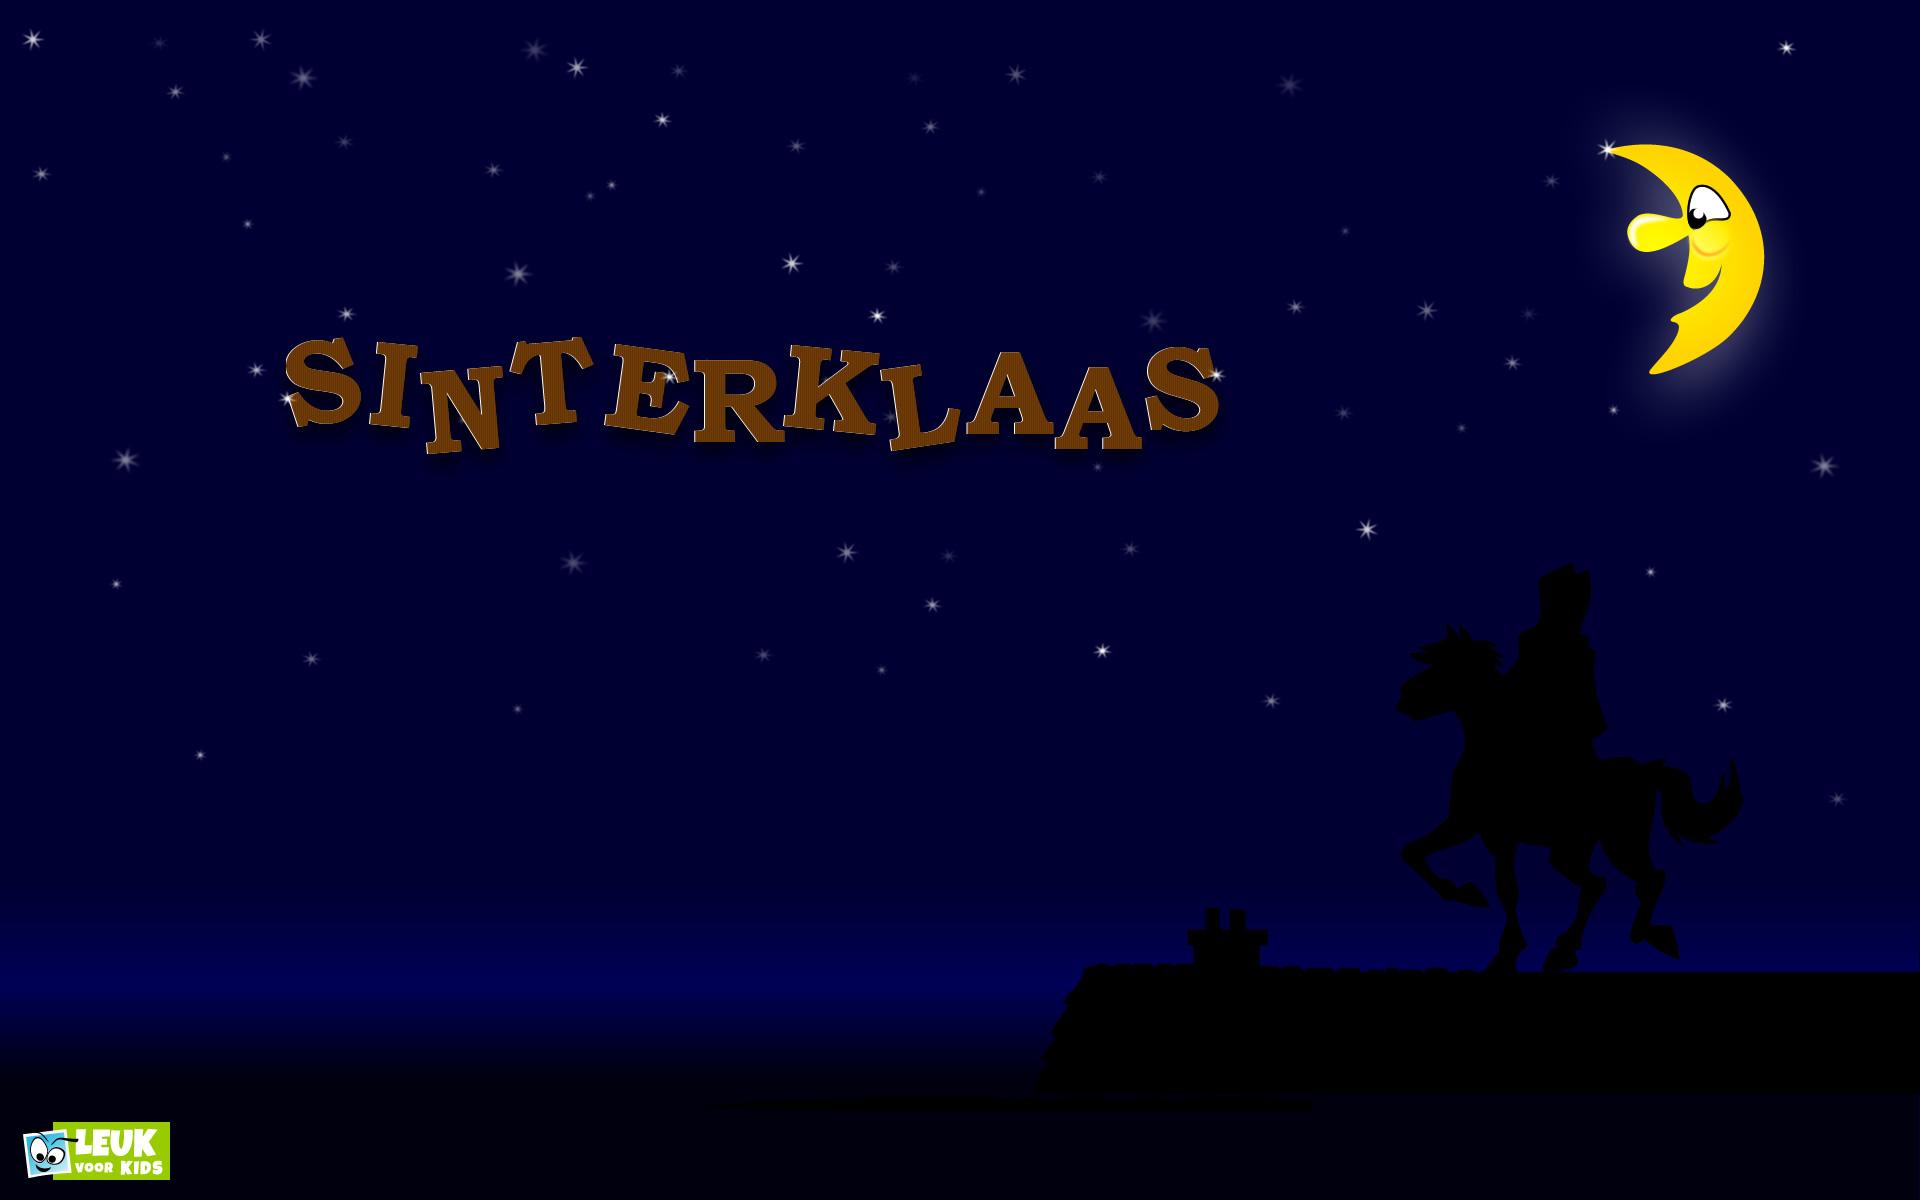 download wallpaper: Sinterklaas met z'n paard op het dak wallpaper